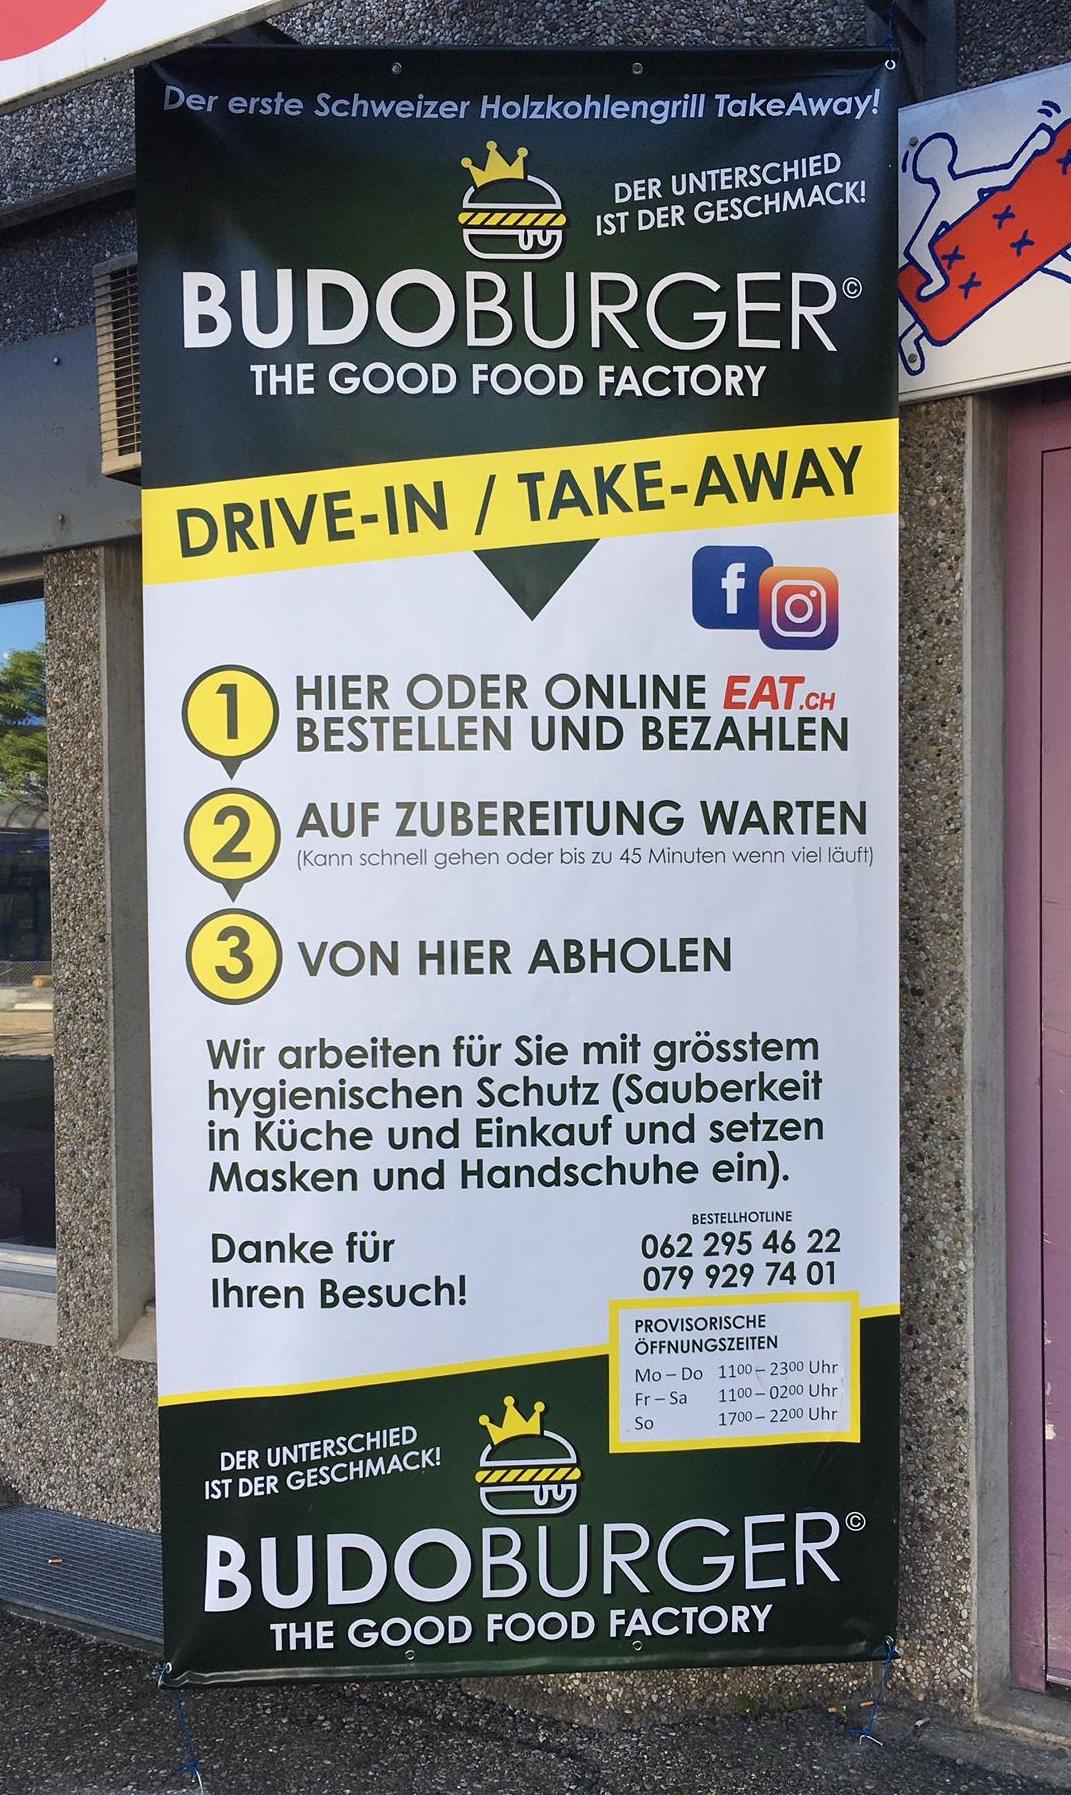 Der Lieferdienst und Take-Away aus Egerkingen Budo Burger